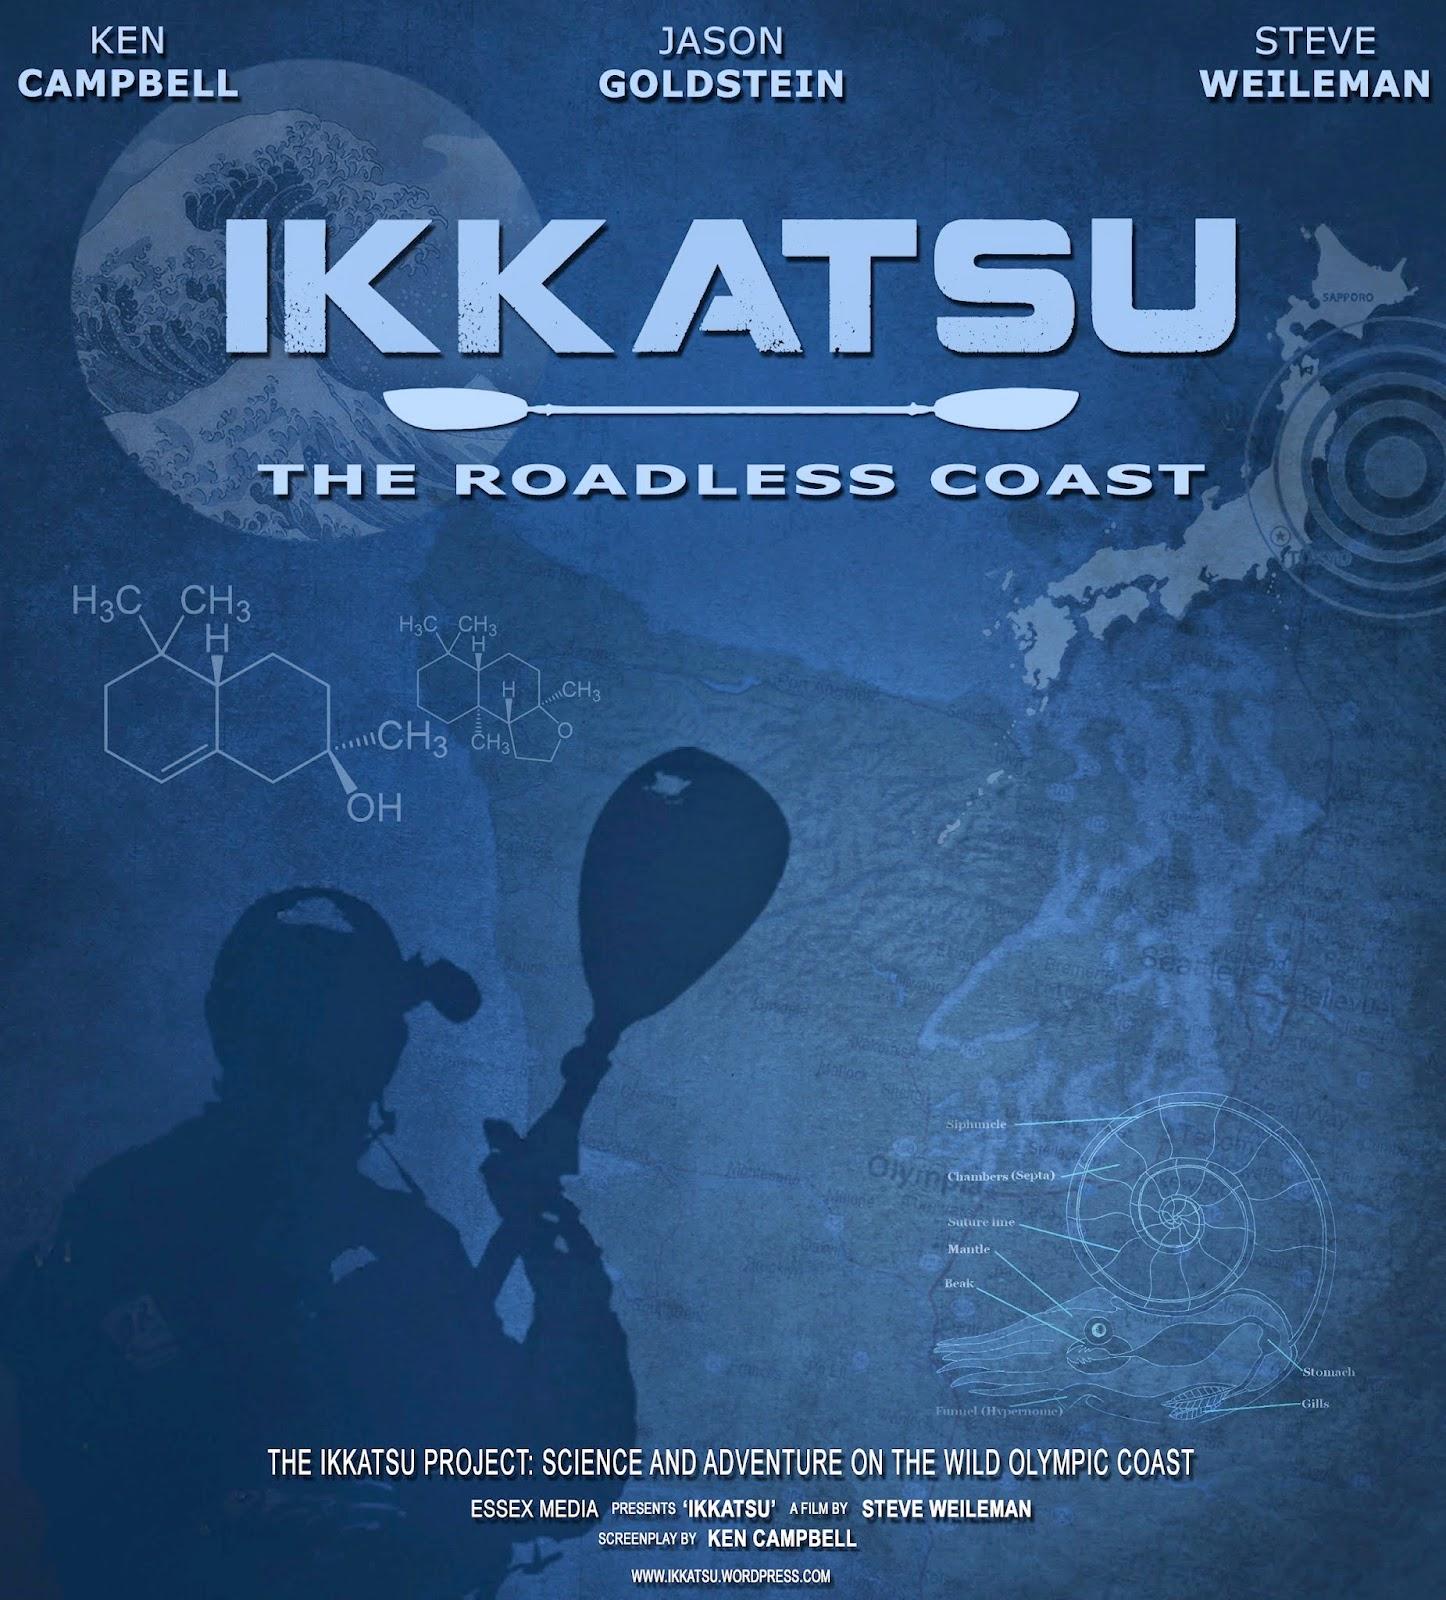 http://www.ikkatsuproject.org/